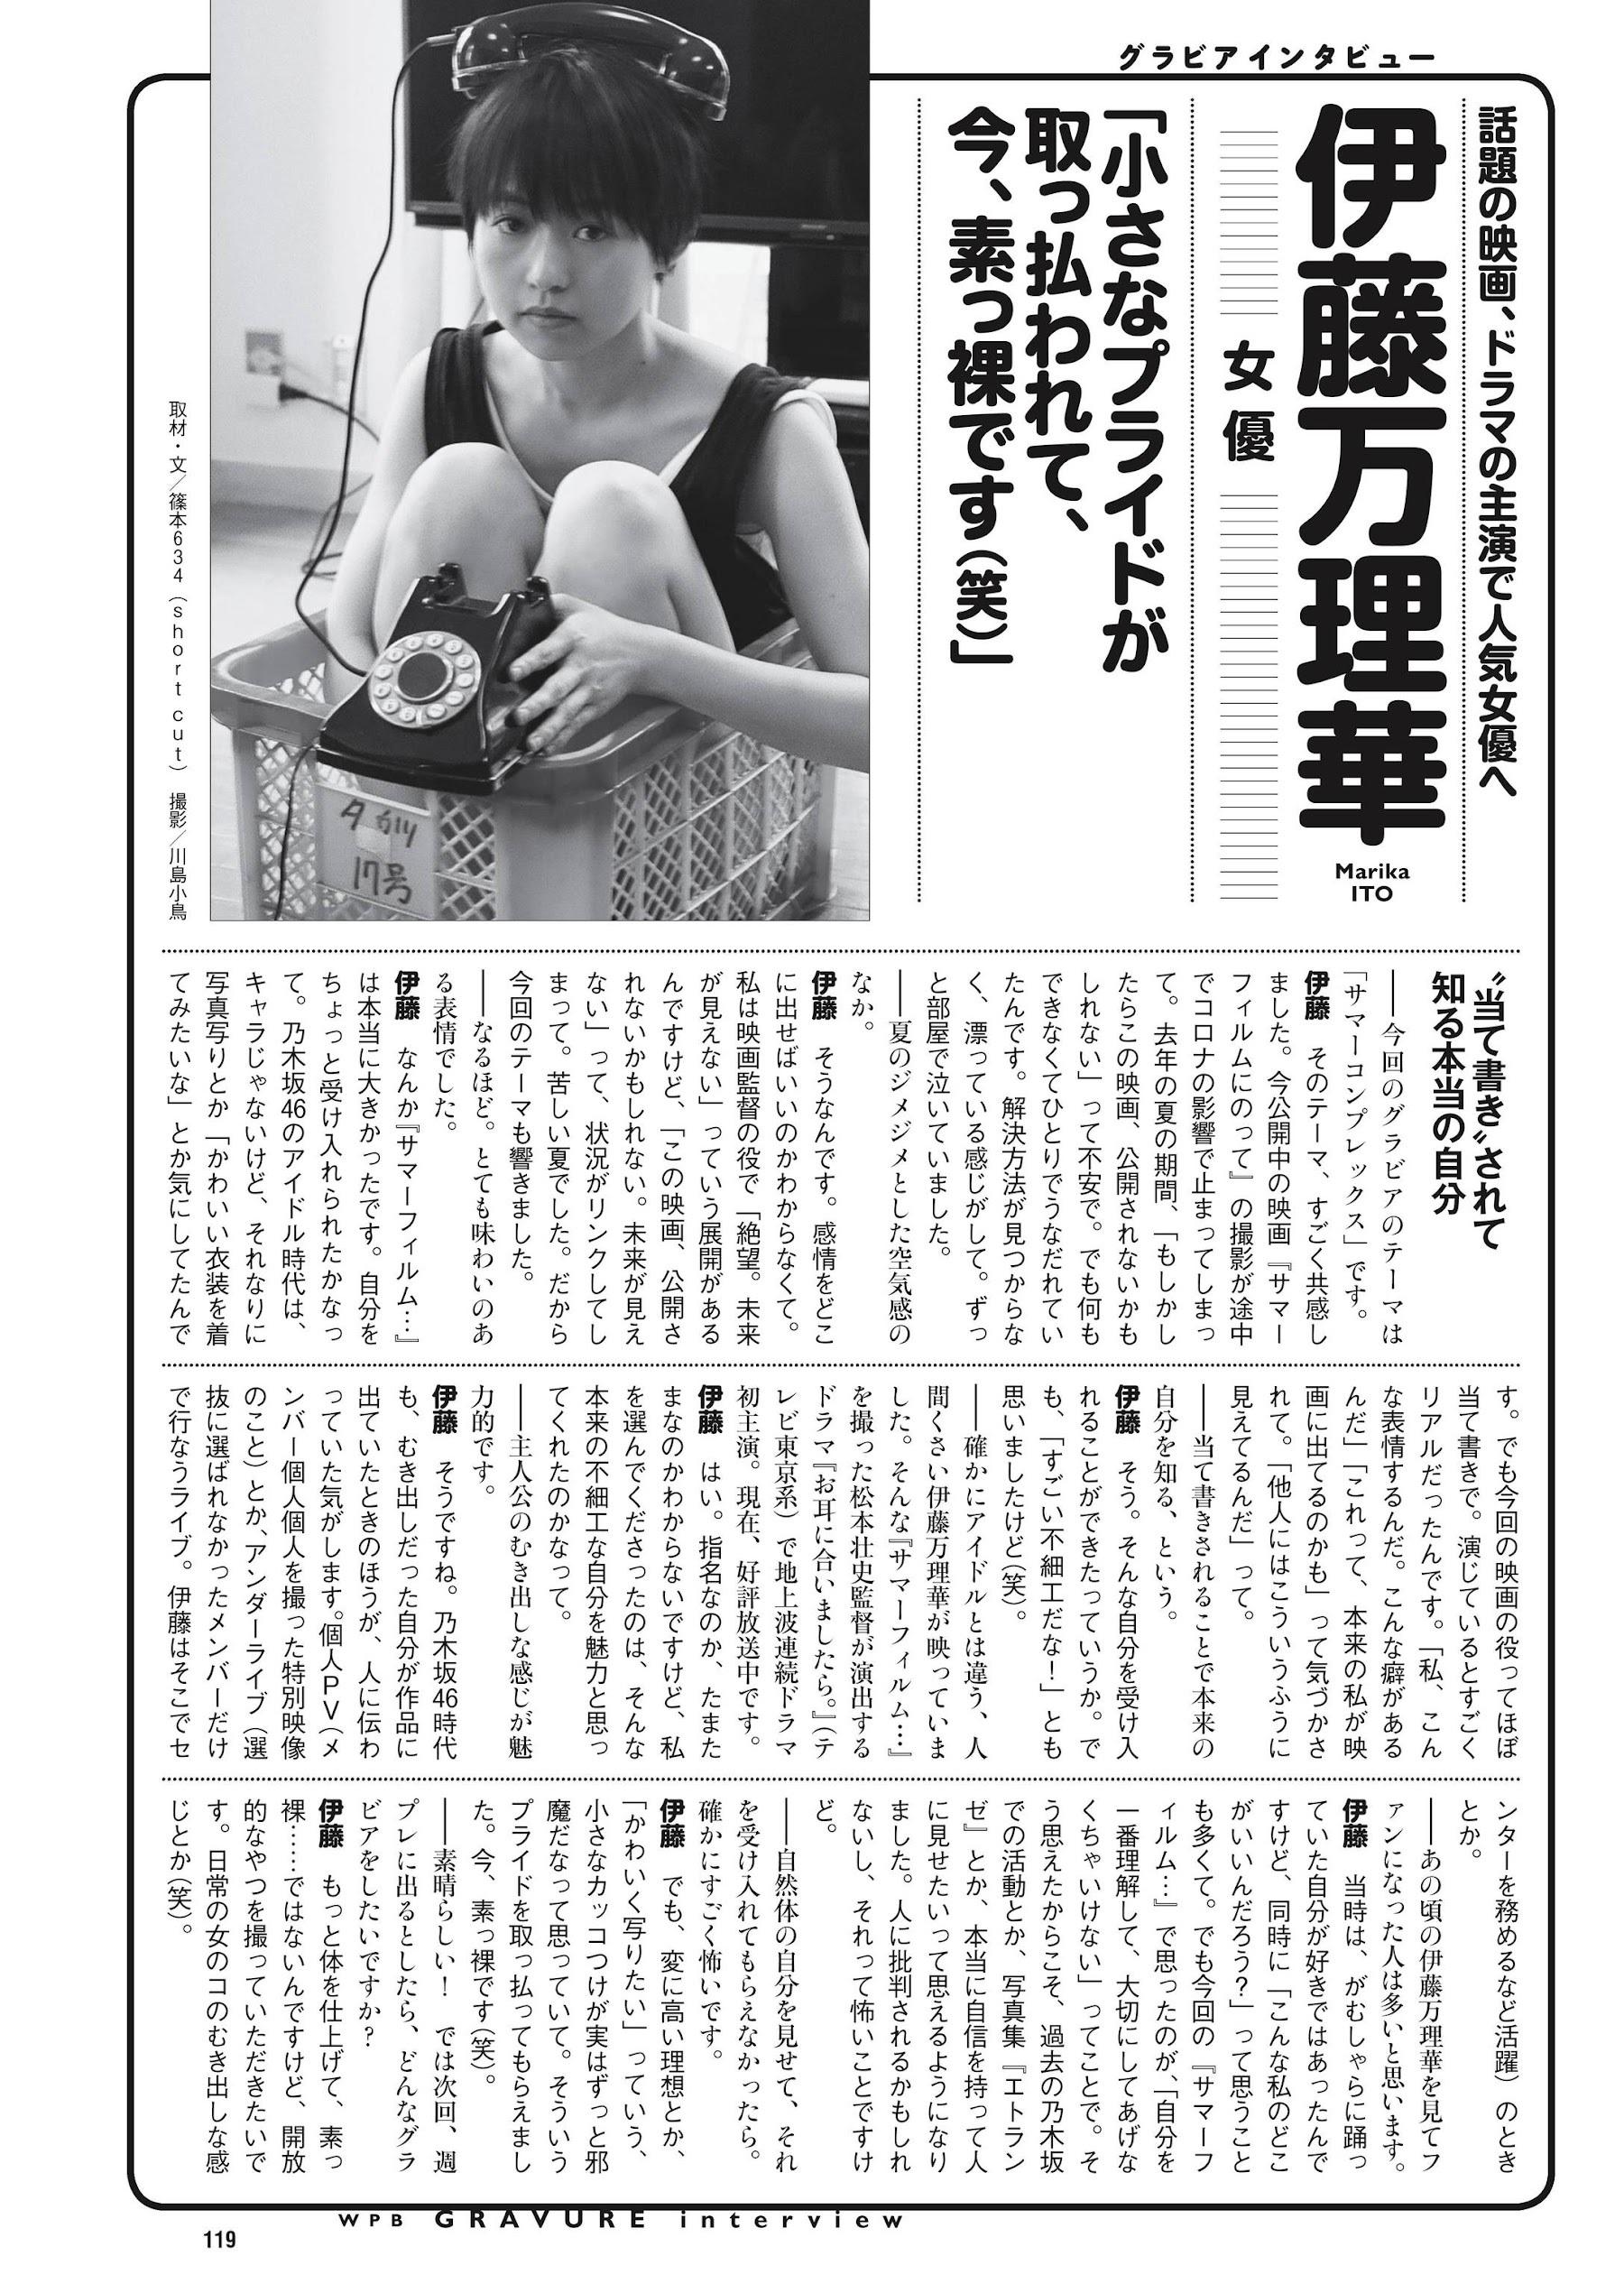 豊田ルナ 頓知気さきな あかせあかり 伊织萌-Weekly Playboy 2021年第三十五期 高清套图 第42张